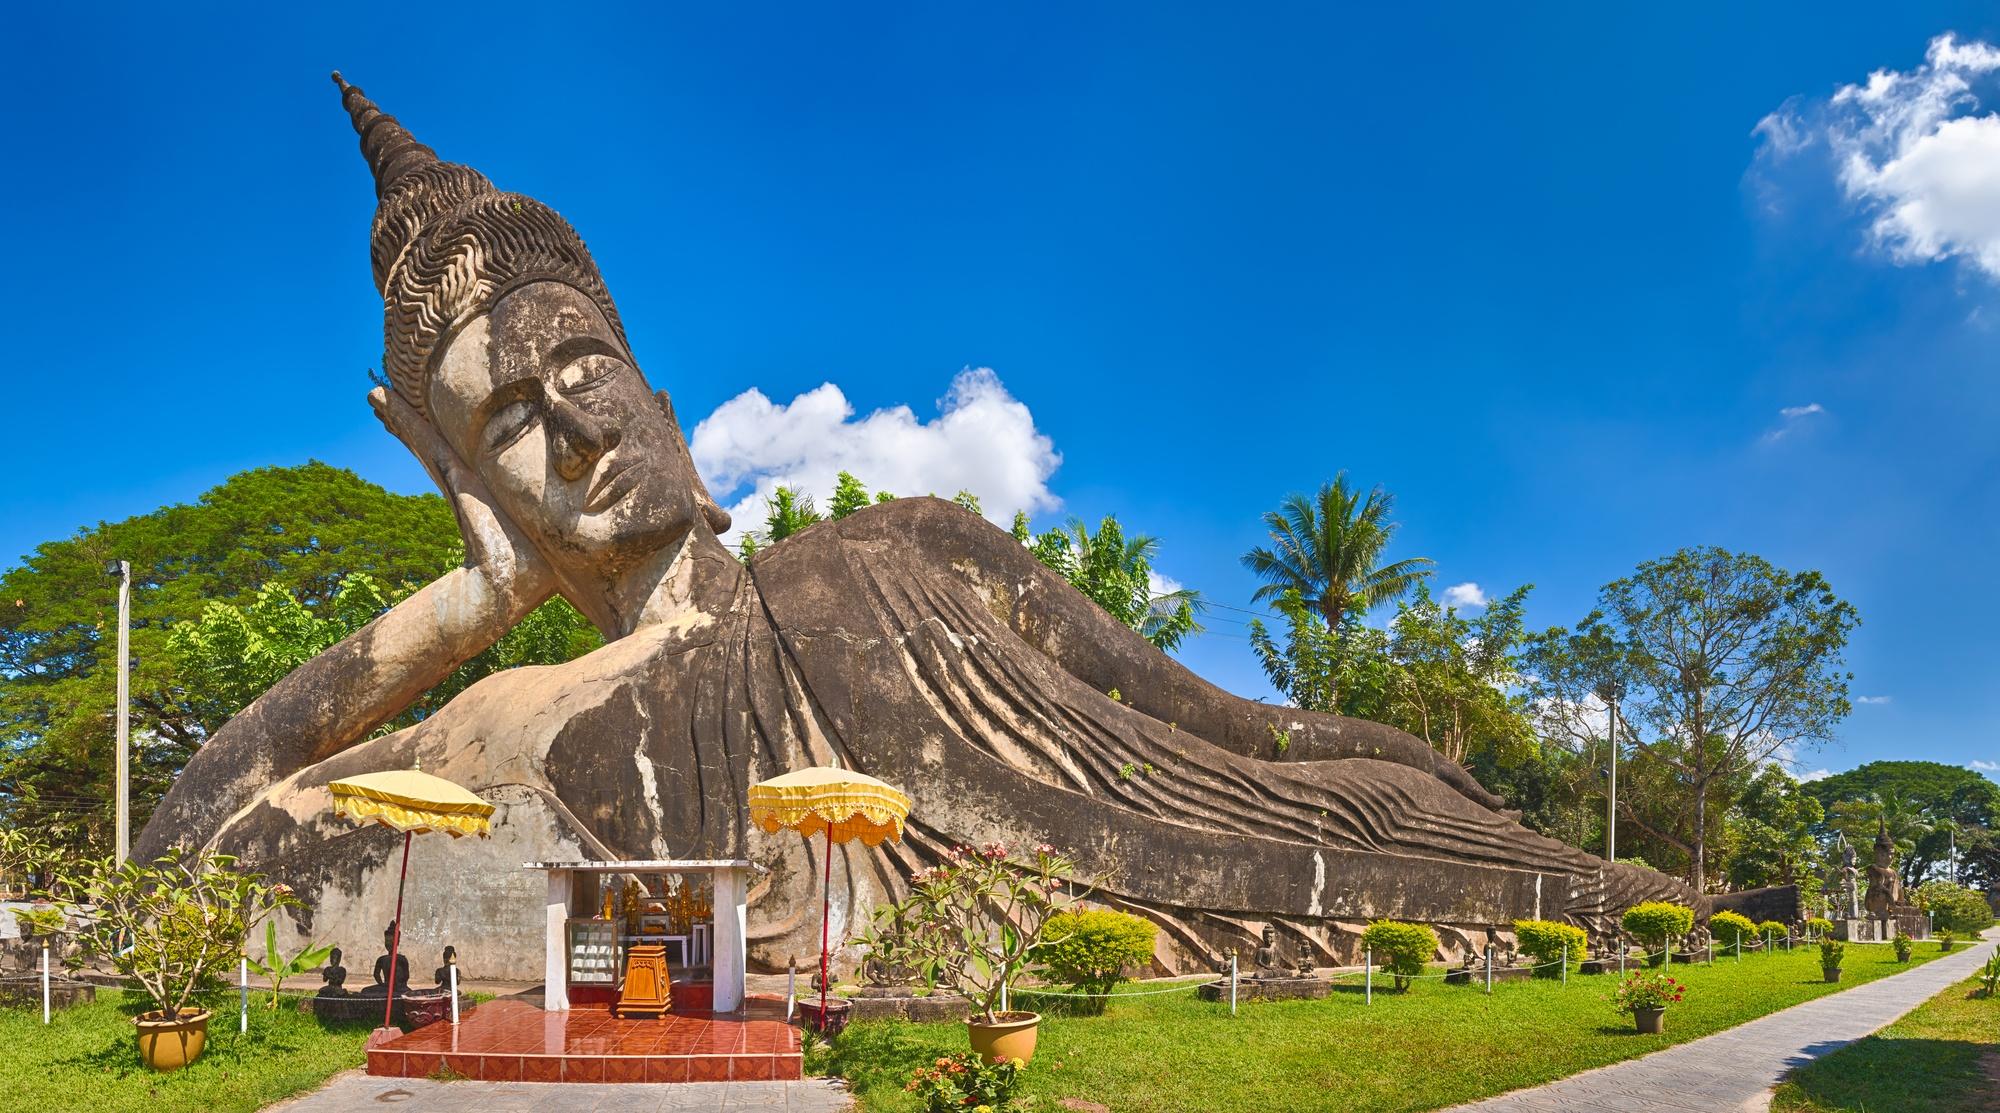 Beautiful sculpture in Buddha Park